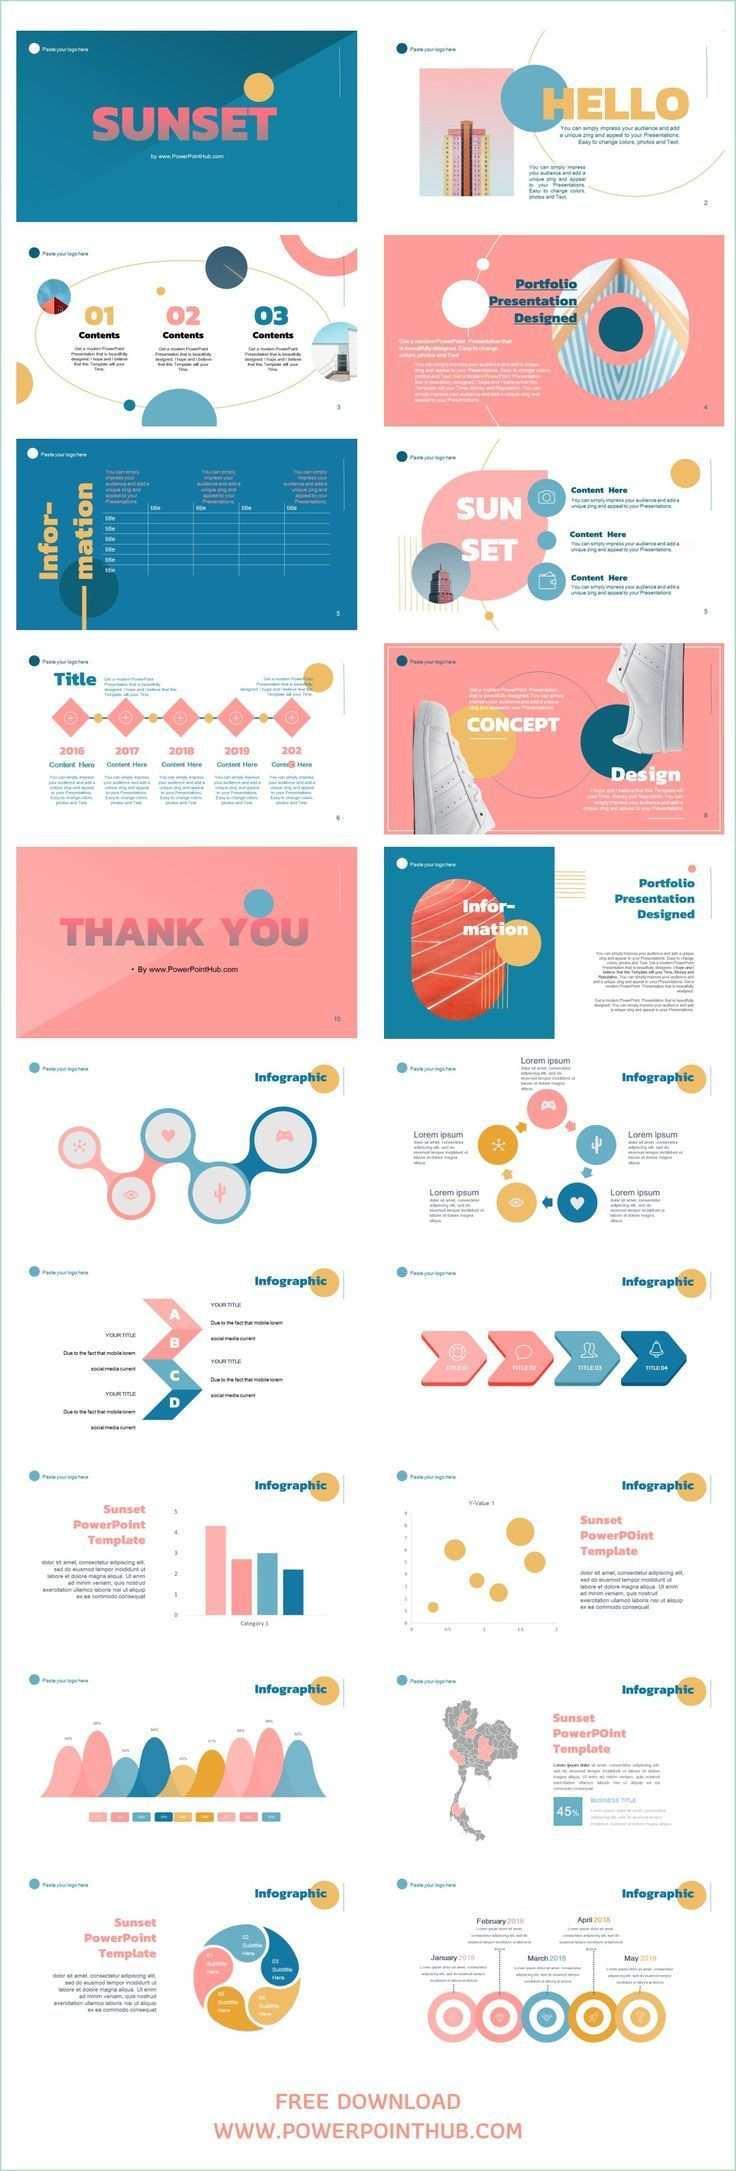 Sunset Powerpoint Template Powerpoint Templates Ideas Of Powerpoint Templates Powerpointtemplate Powerpoint Hintergrund Vorlagen Designvorlagen Ppt Design